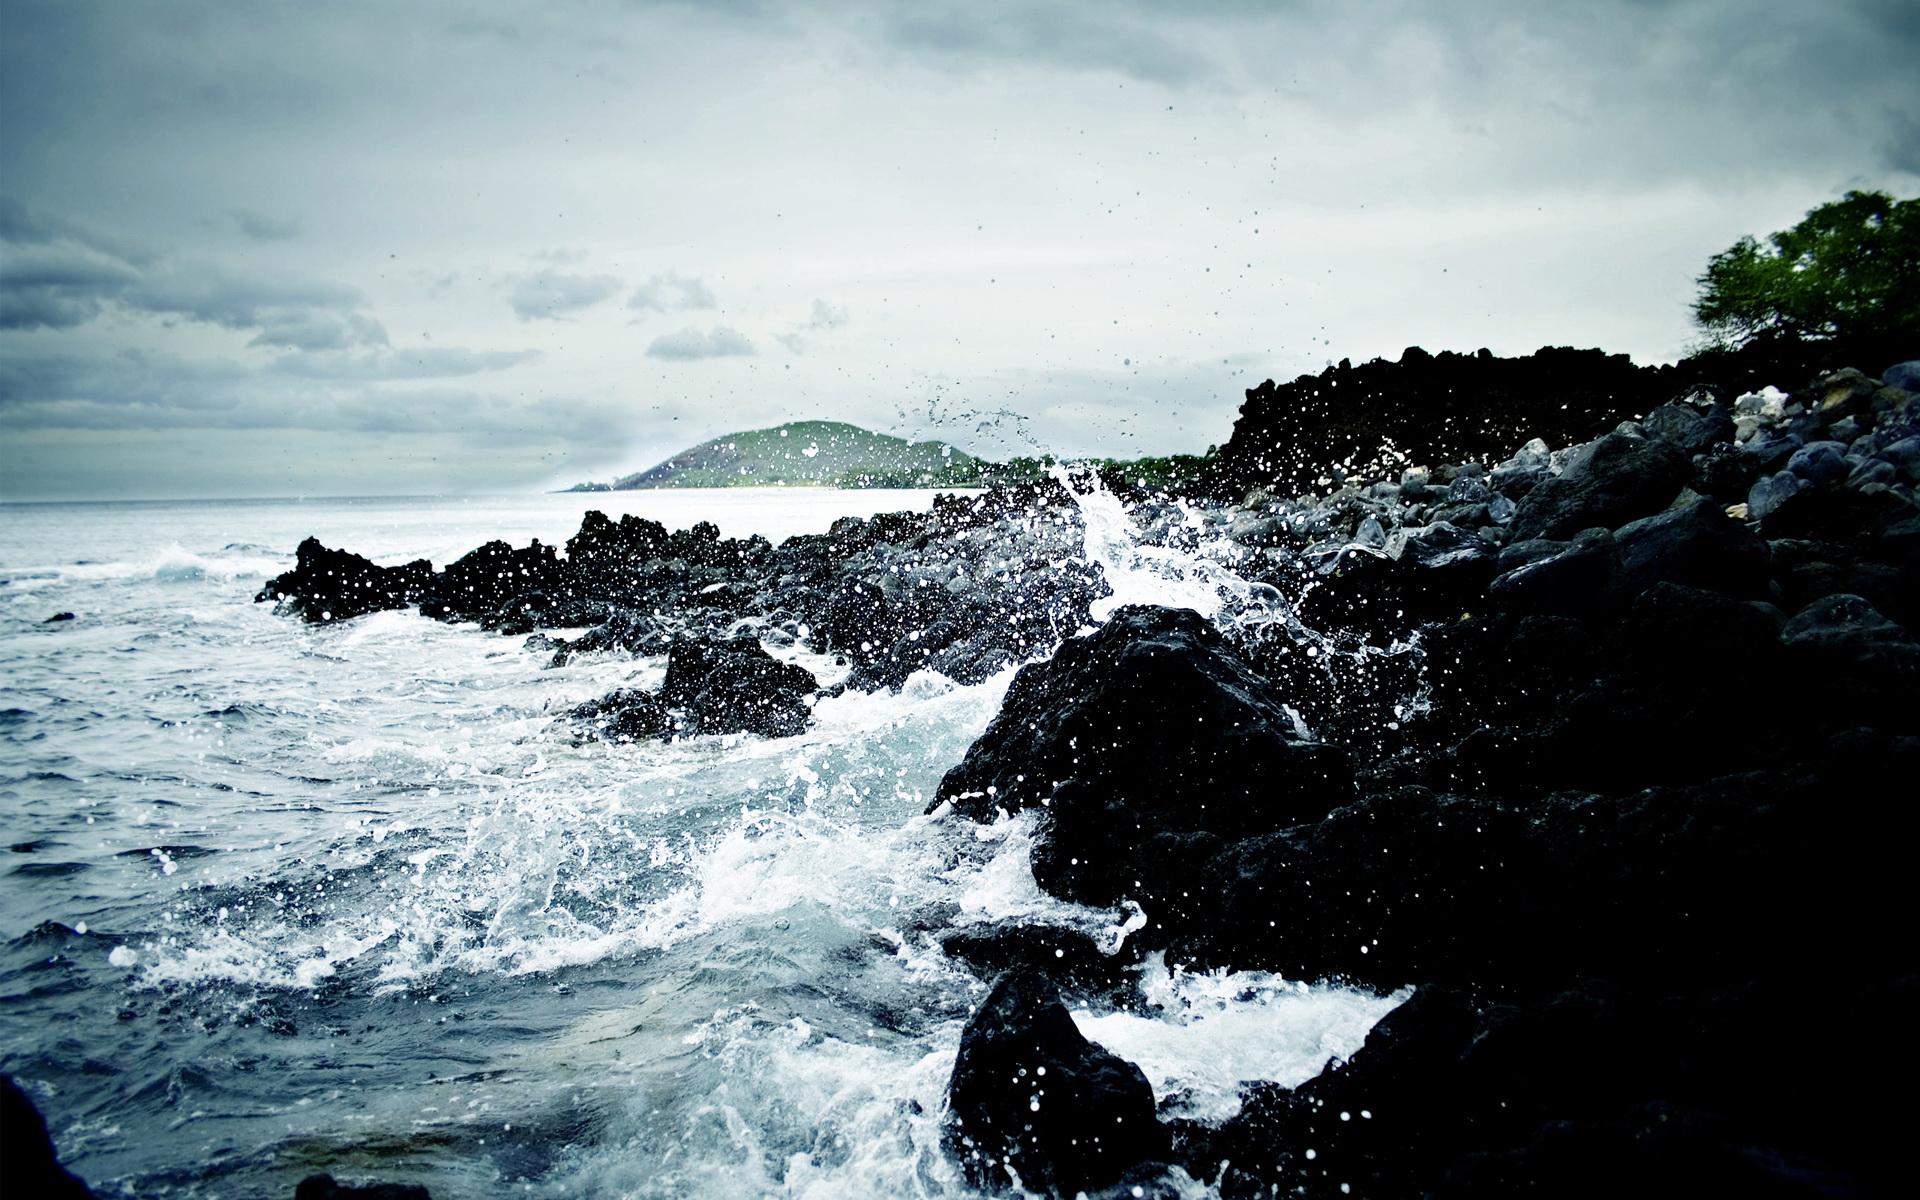 唯美的海边风景壁纸